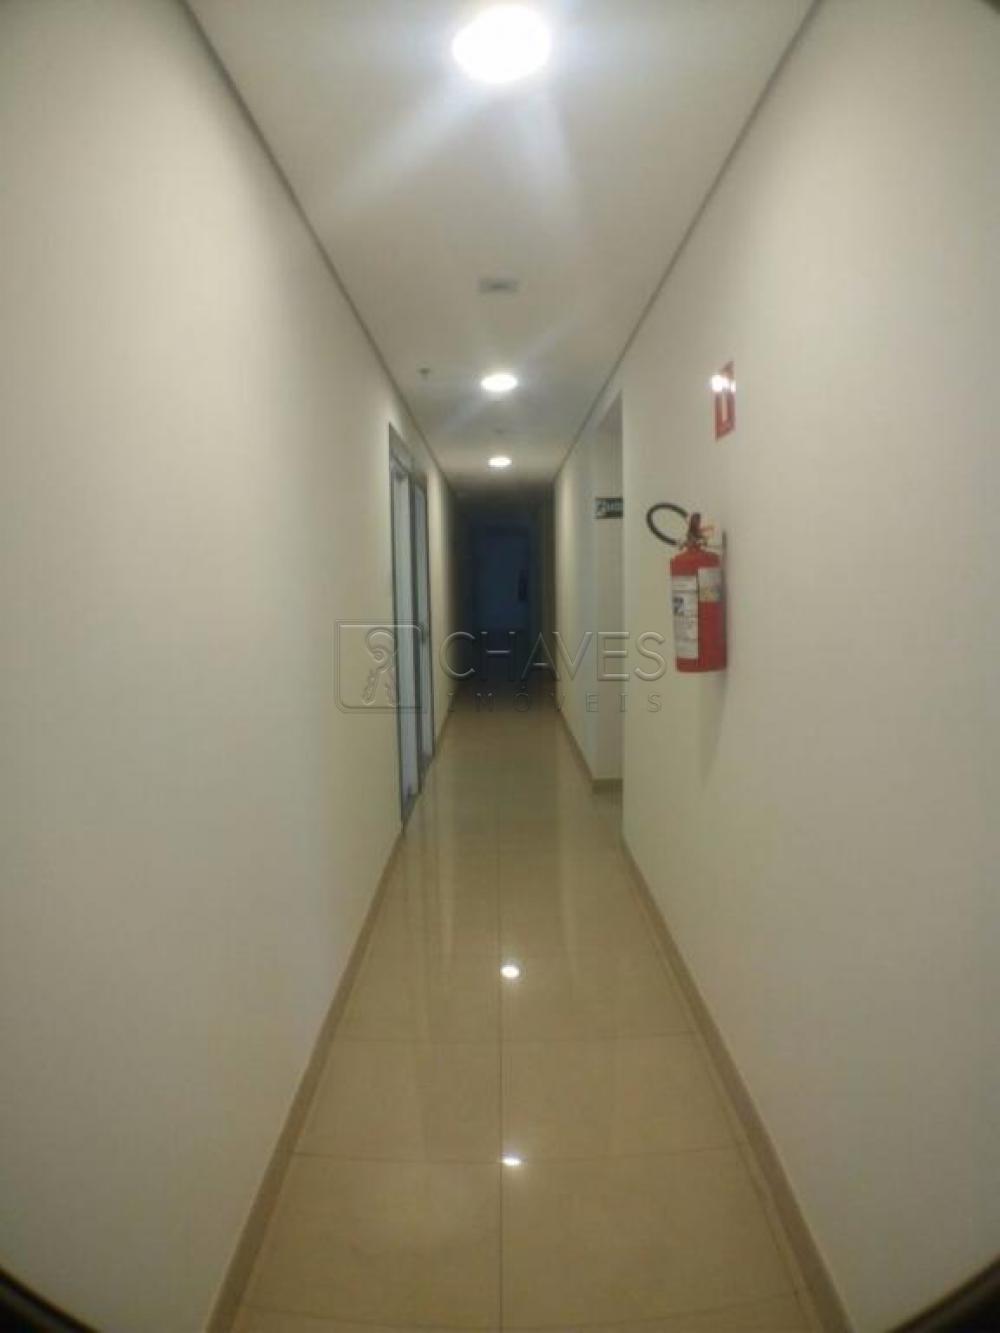 Alugar Comercial / Sala em Condomínio em Ribeirão Preto R$ 1.500,00 - Foto 16